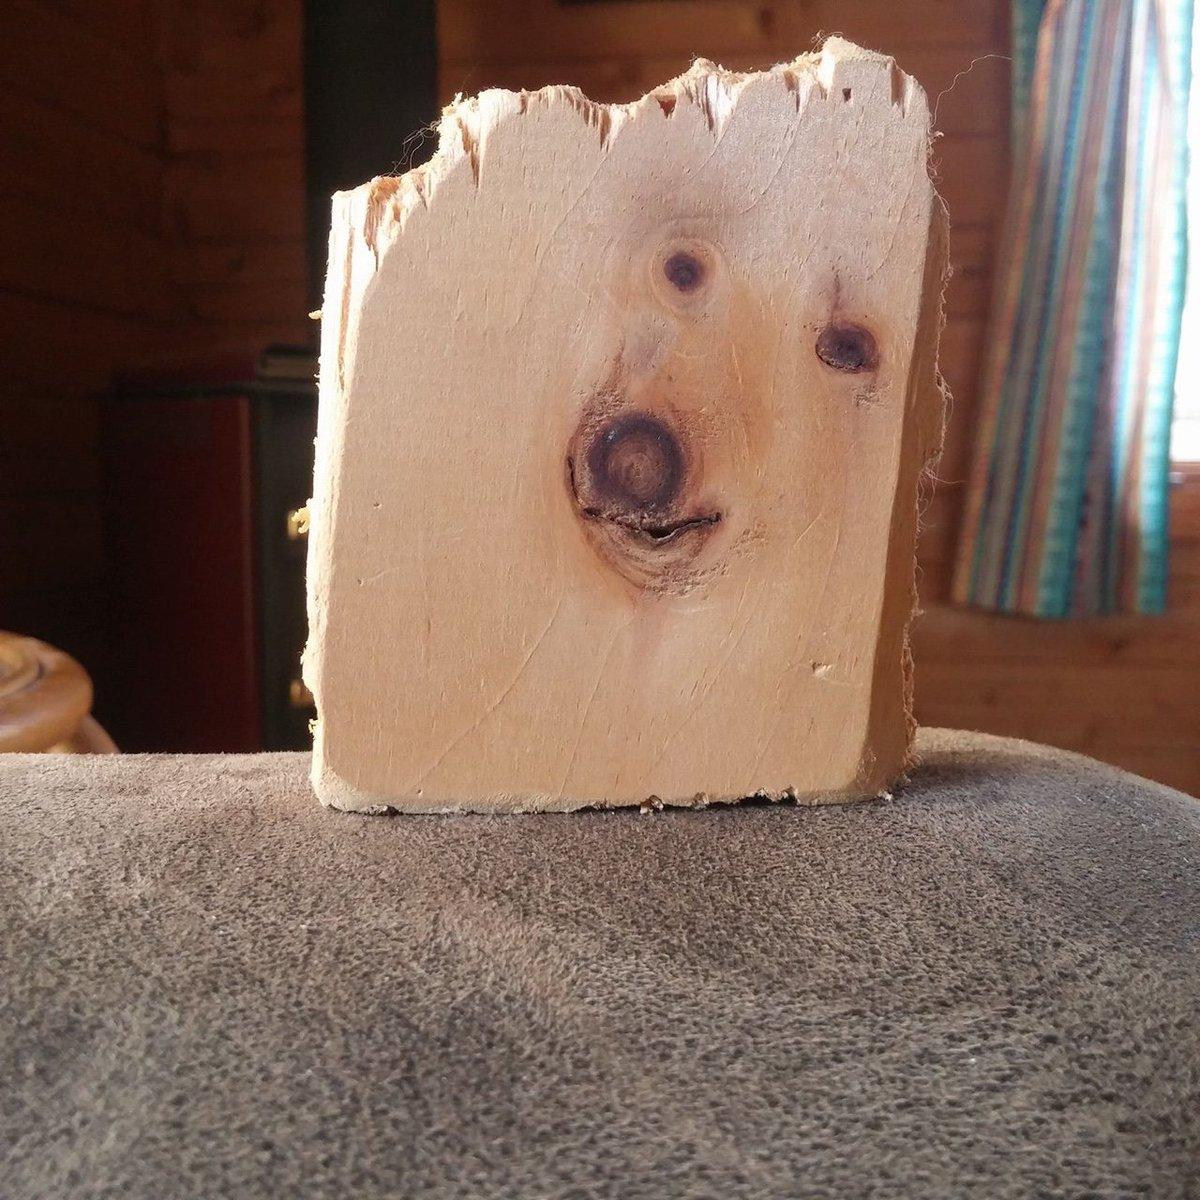 犬さんだね・・・・ pic.twitter.com/eOsM6ipV9s